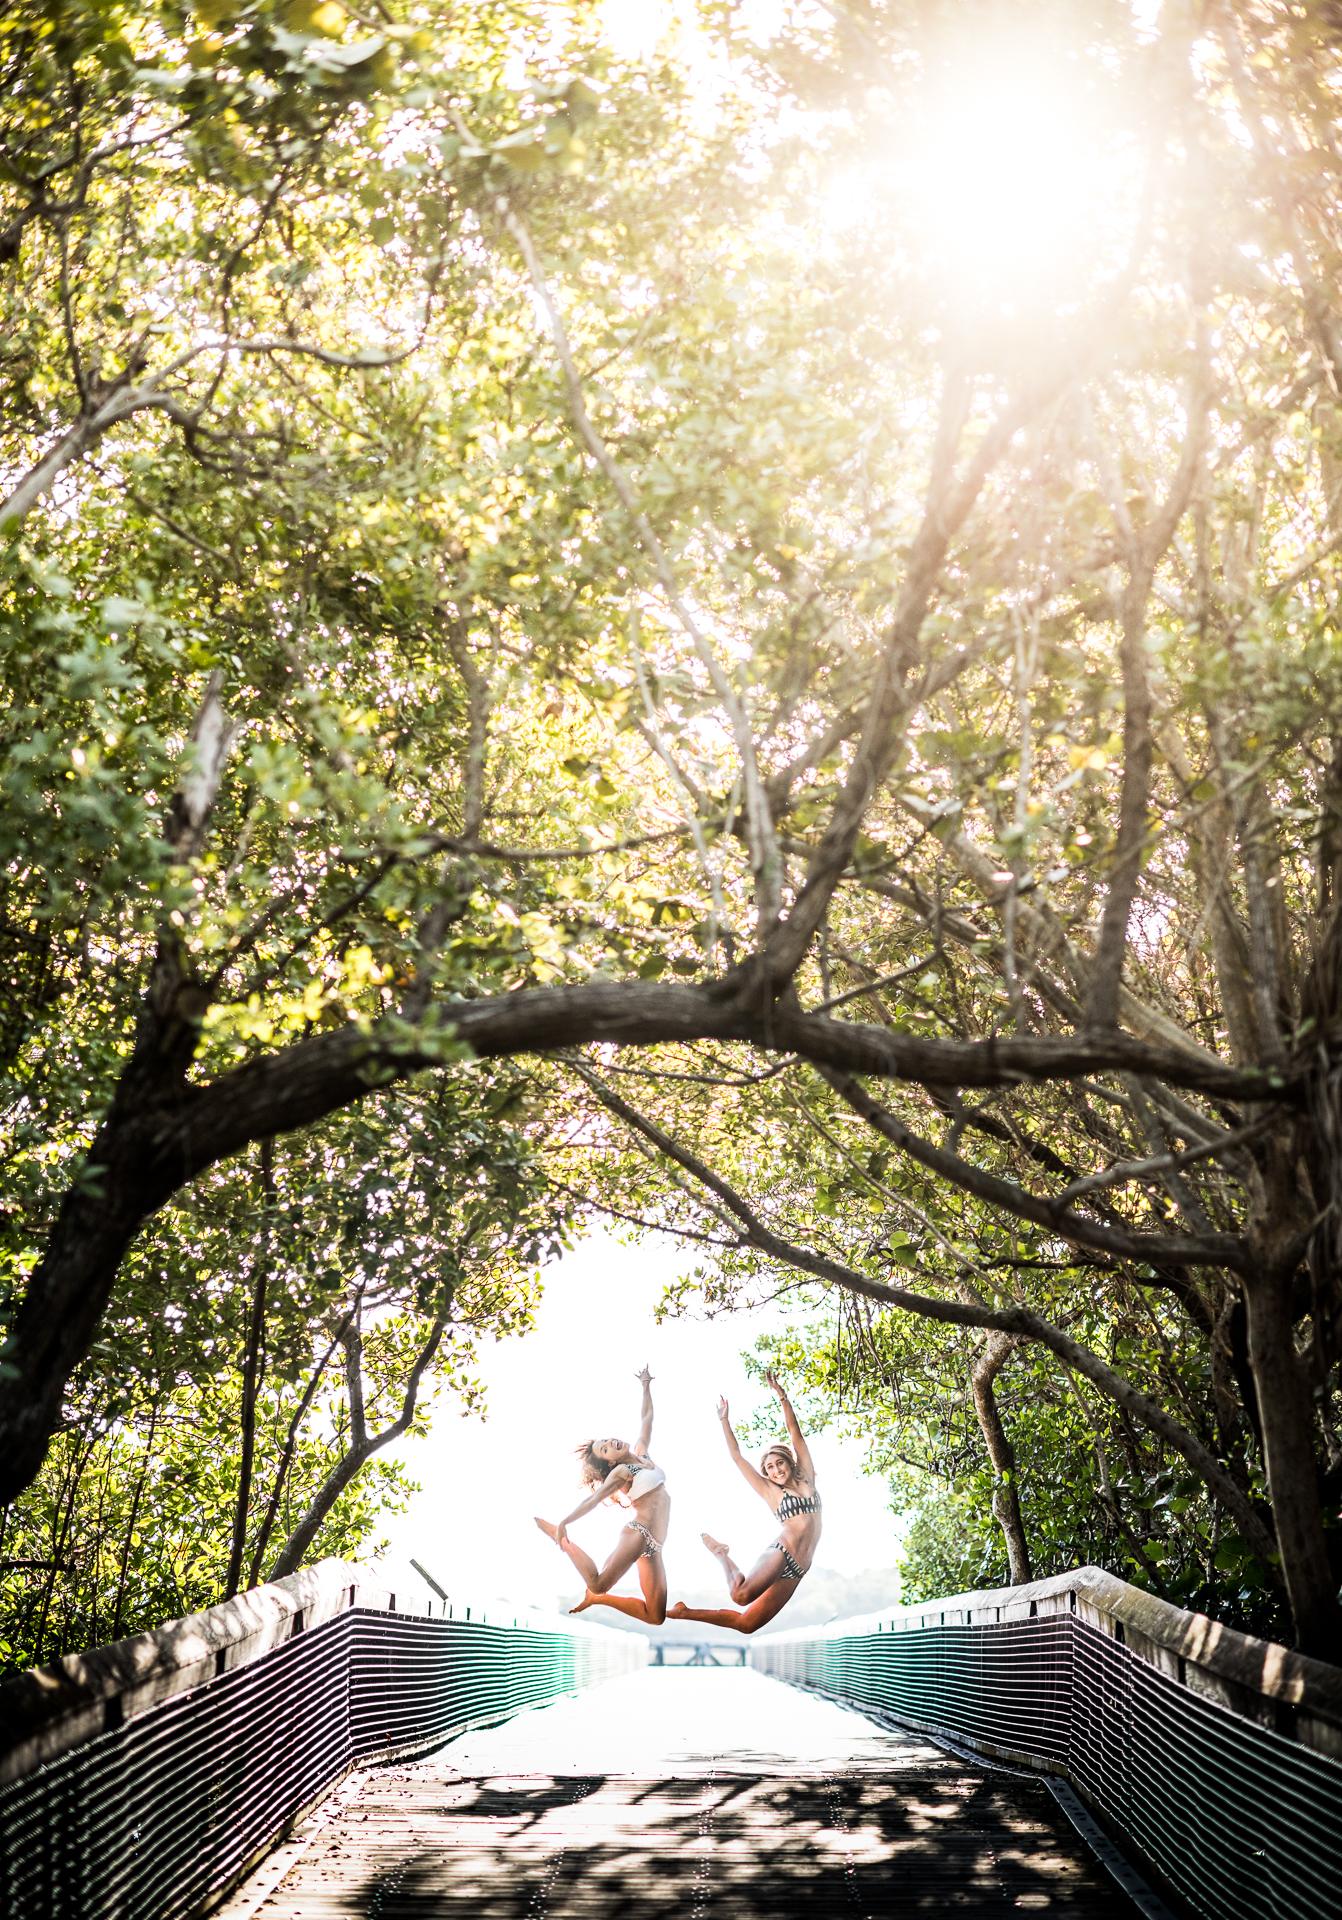 CamilaswimwearPhotoshoot-52.jpg